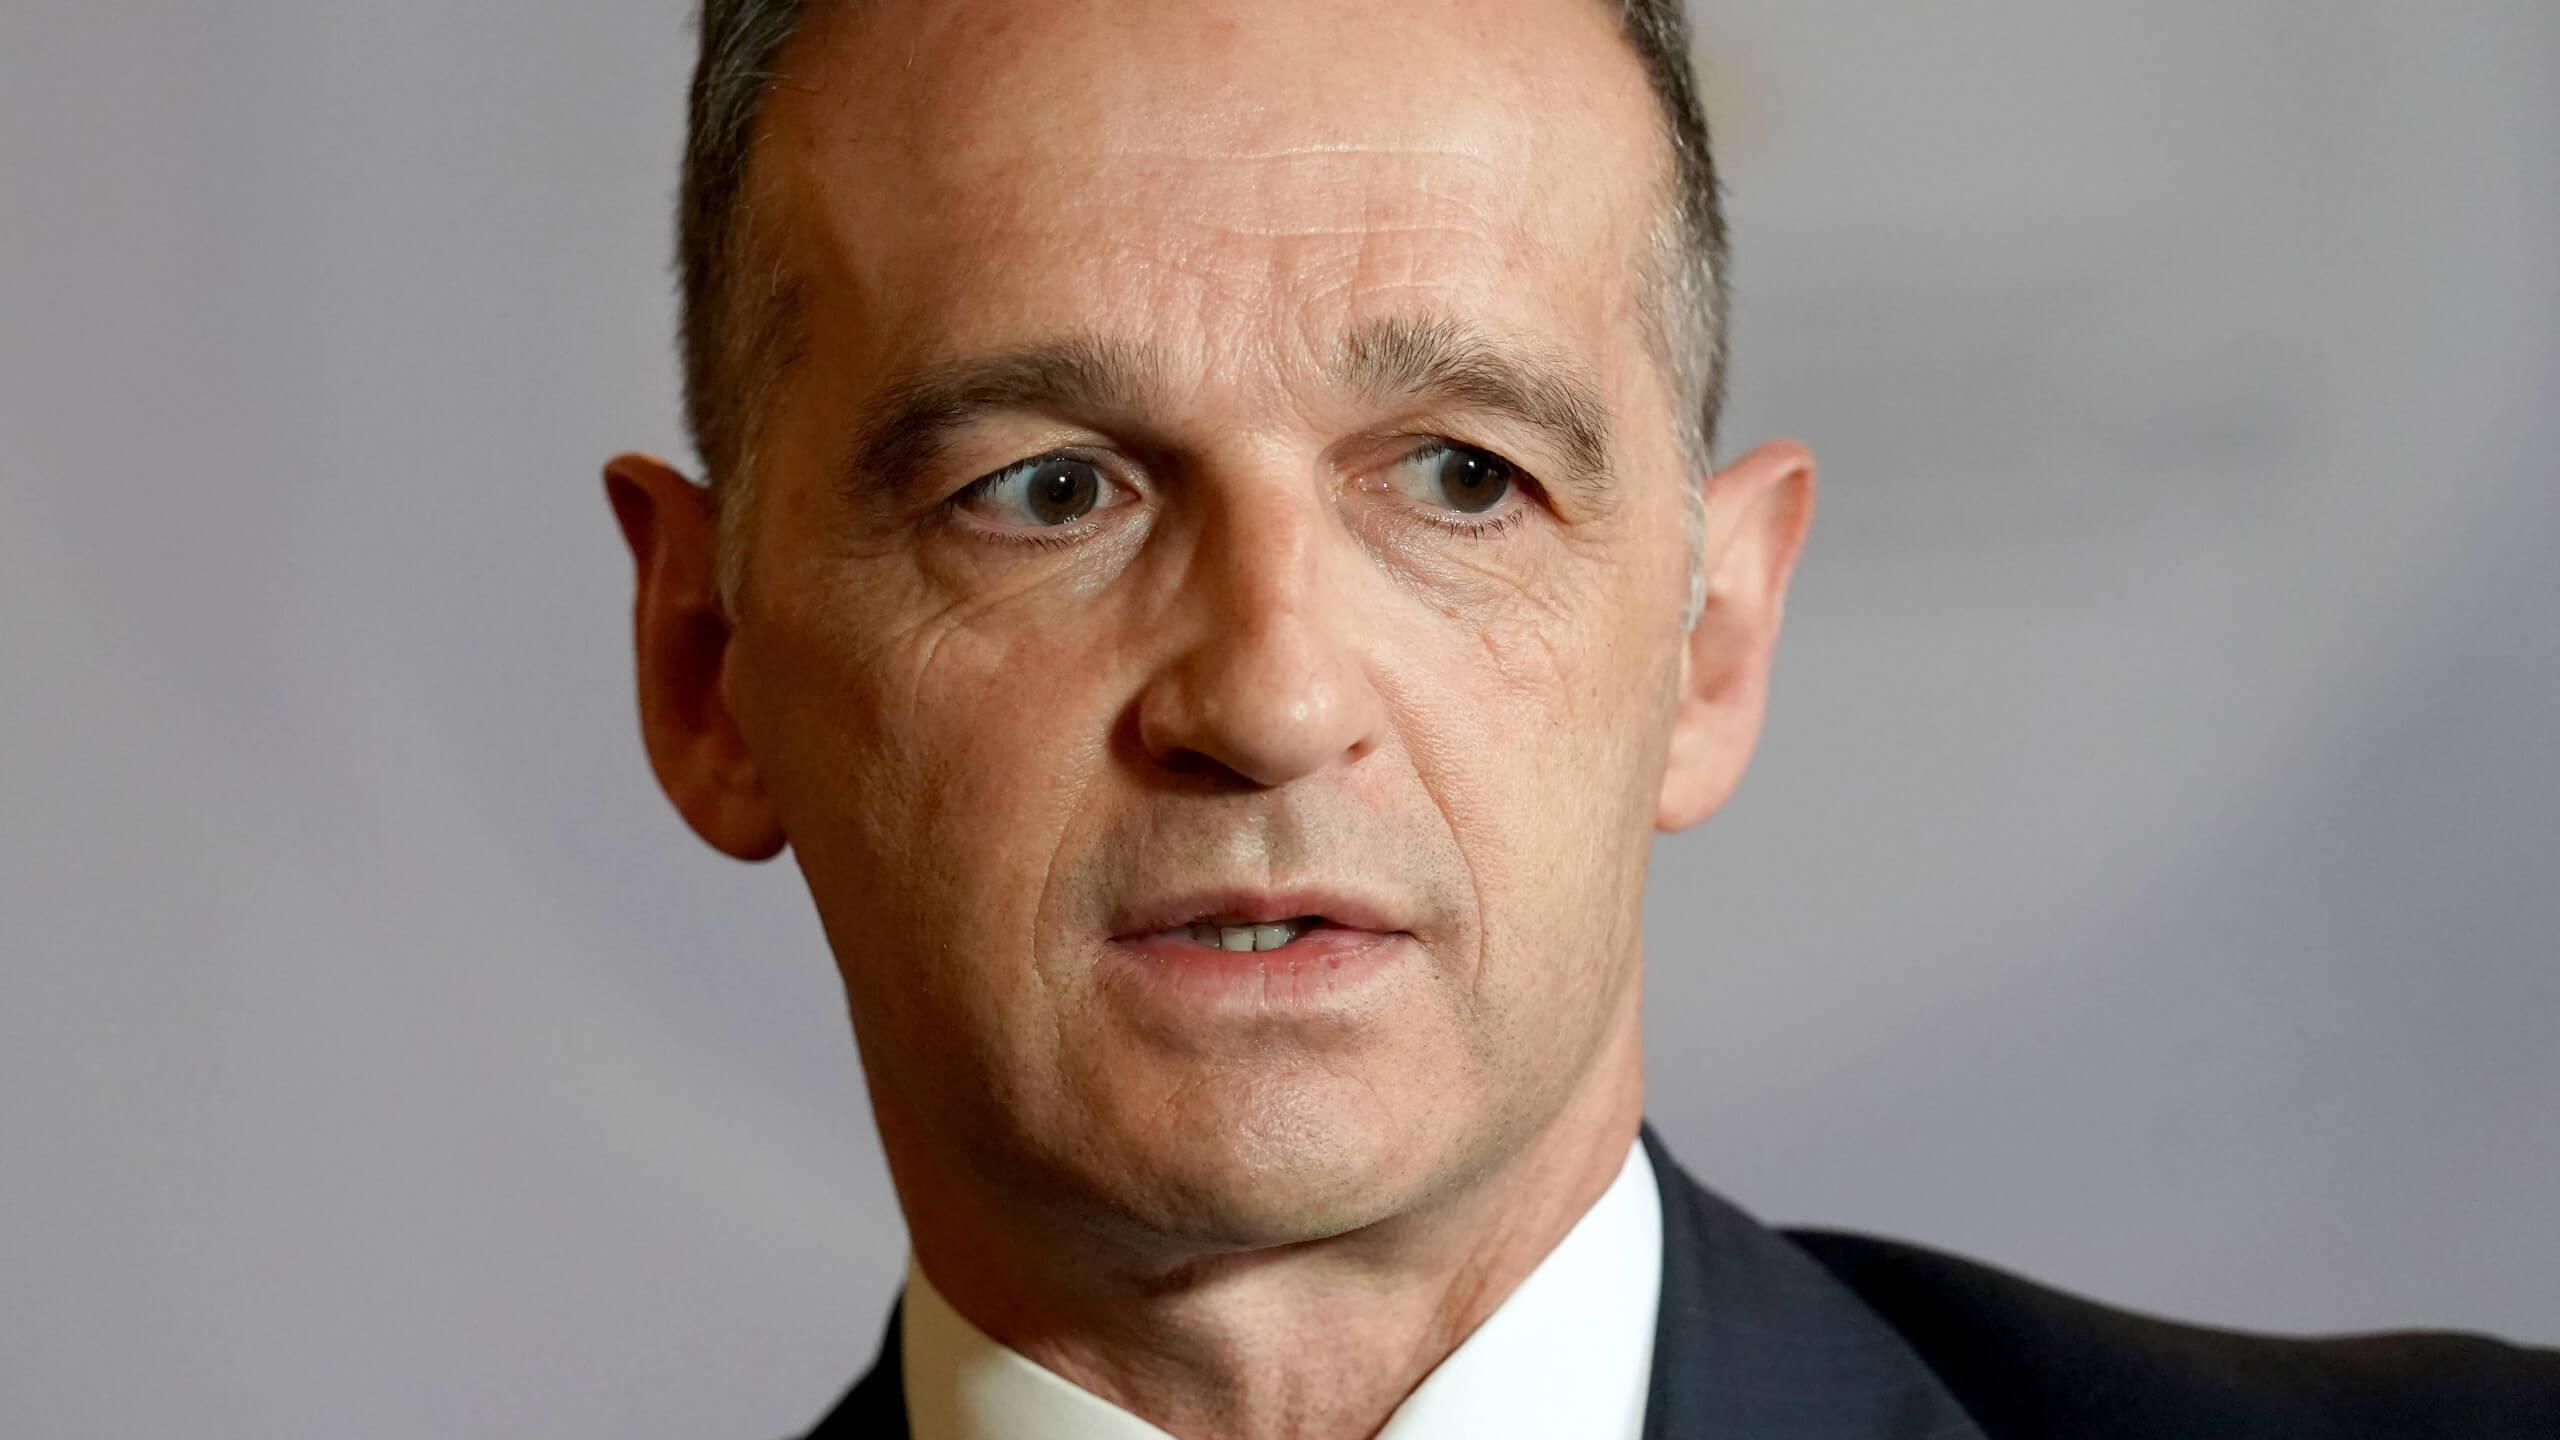 Erfundenes Zitat: Nein, Heiko Maas fordert keine Impfpass-Pflicht für Lebensmittelkäufe